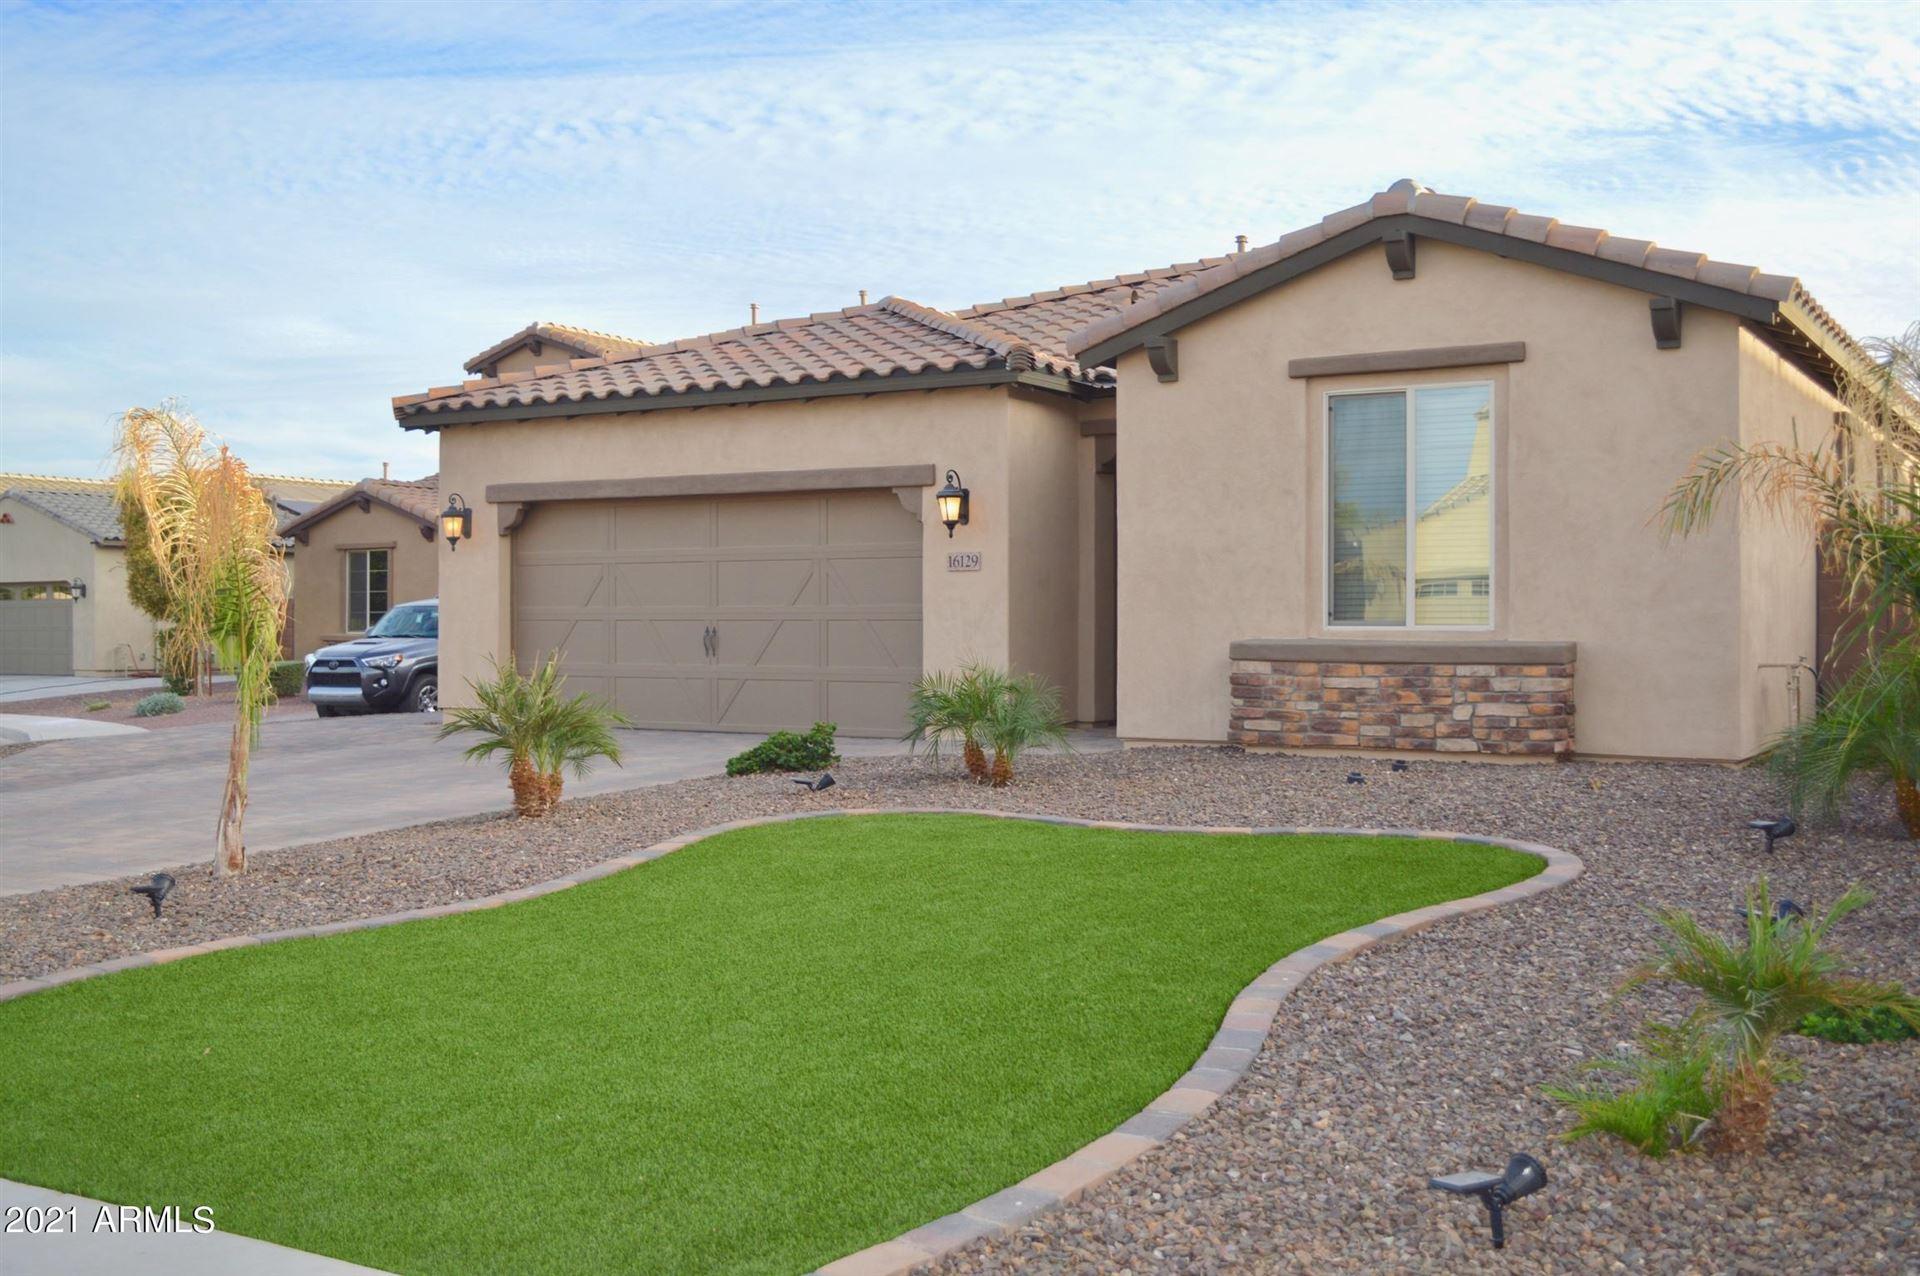 16129 W SIERRA Street, Surprise, AZ 85379 - MLS#: 6194938